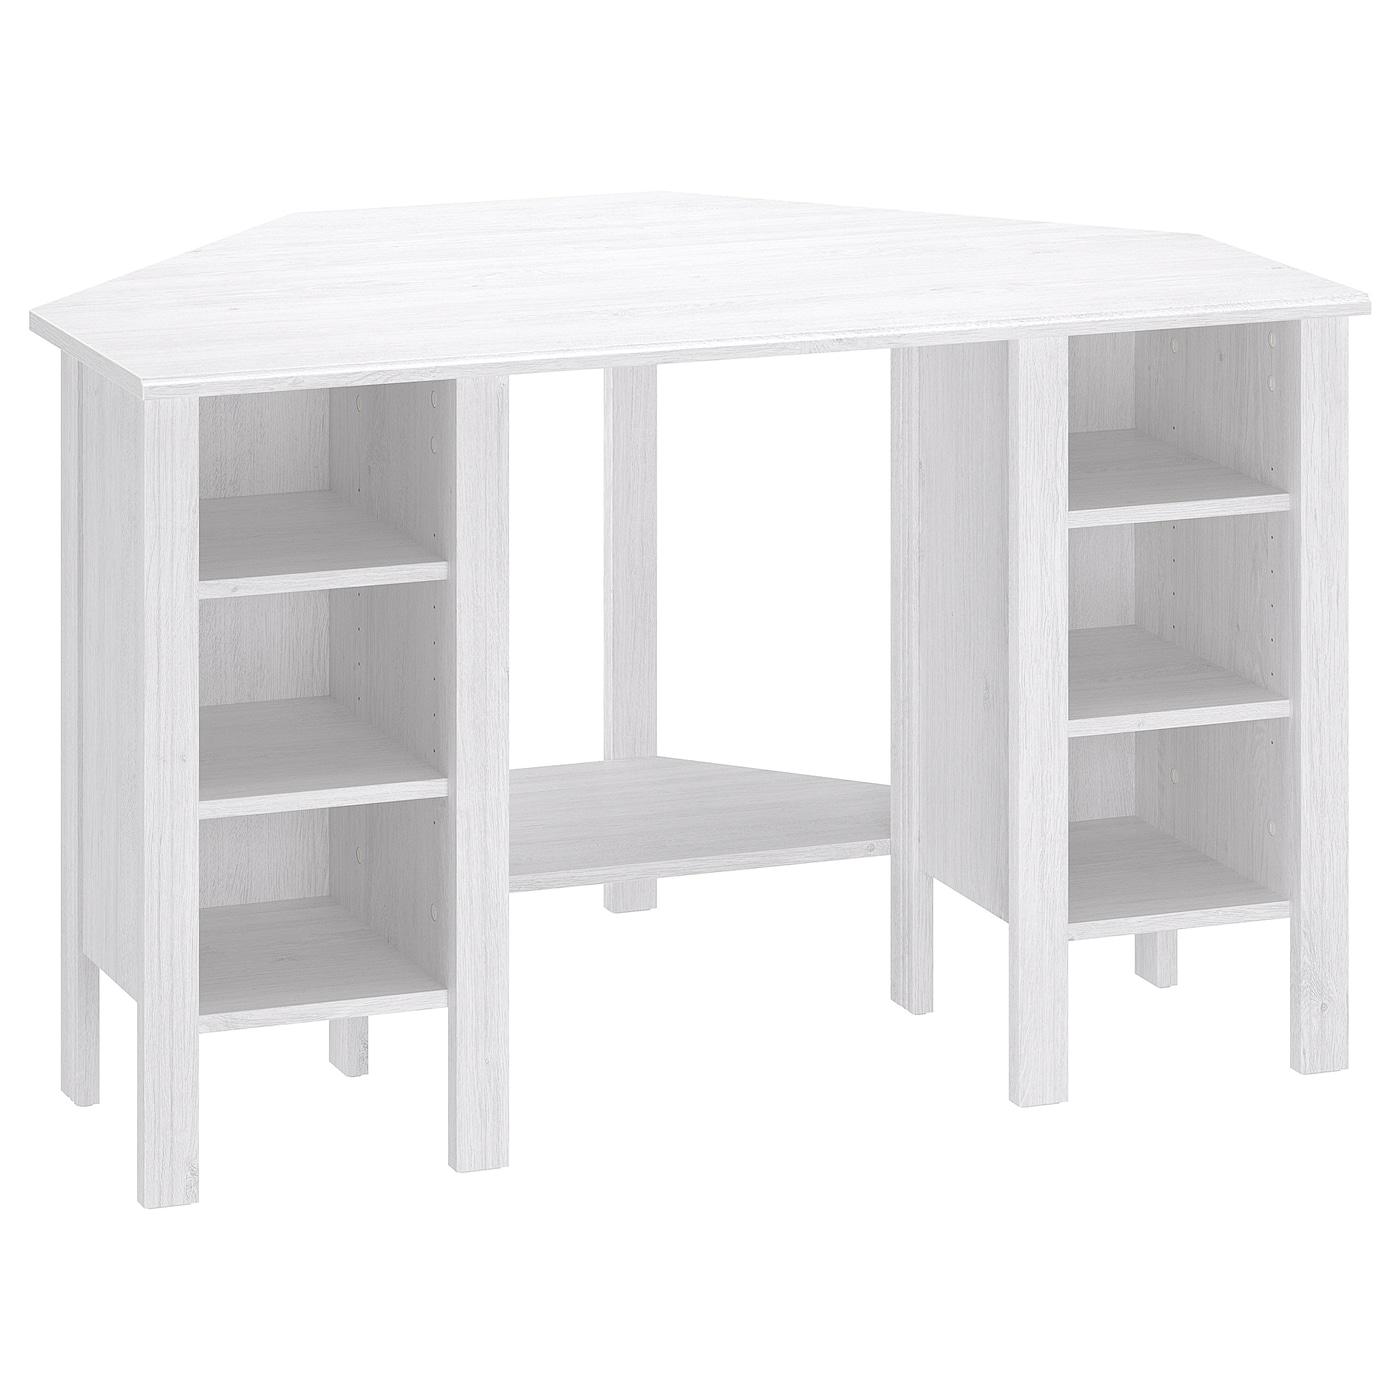 IKEA BRUSALI białe biurko narożne, 120x73 cm